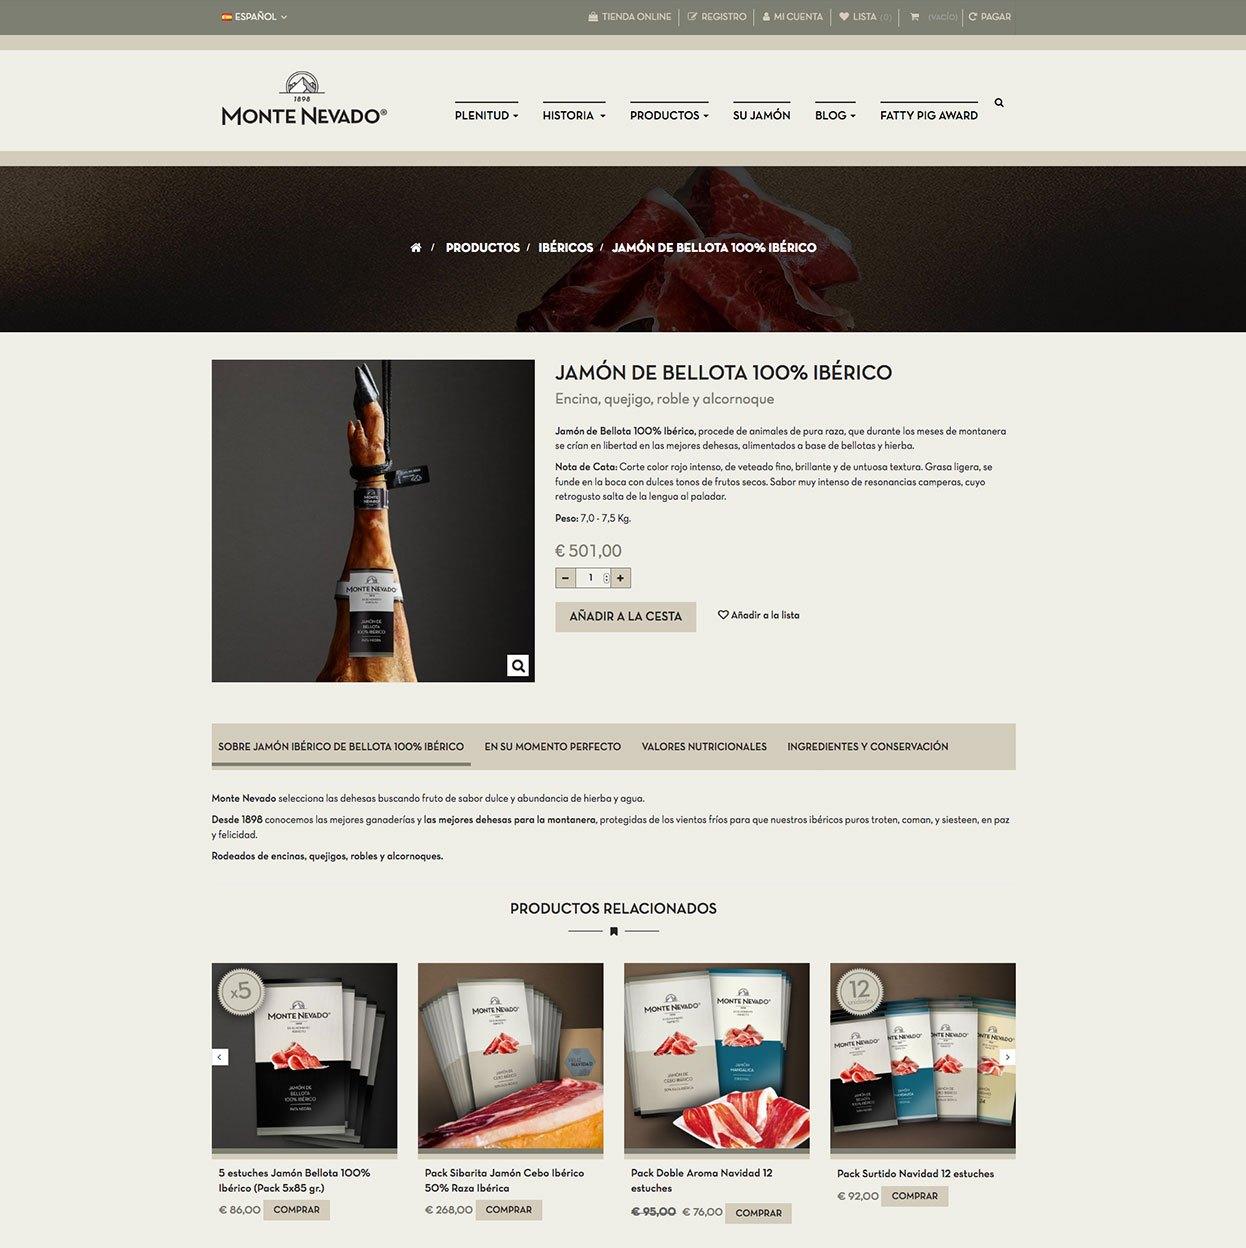 Tienda online - Monte Nevado